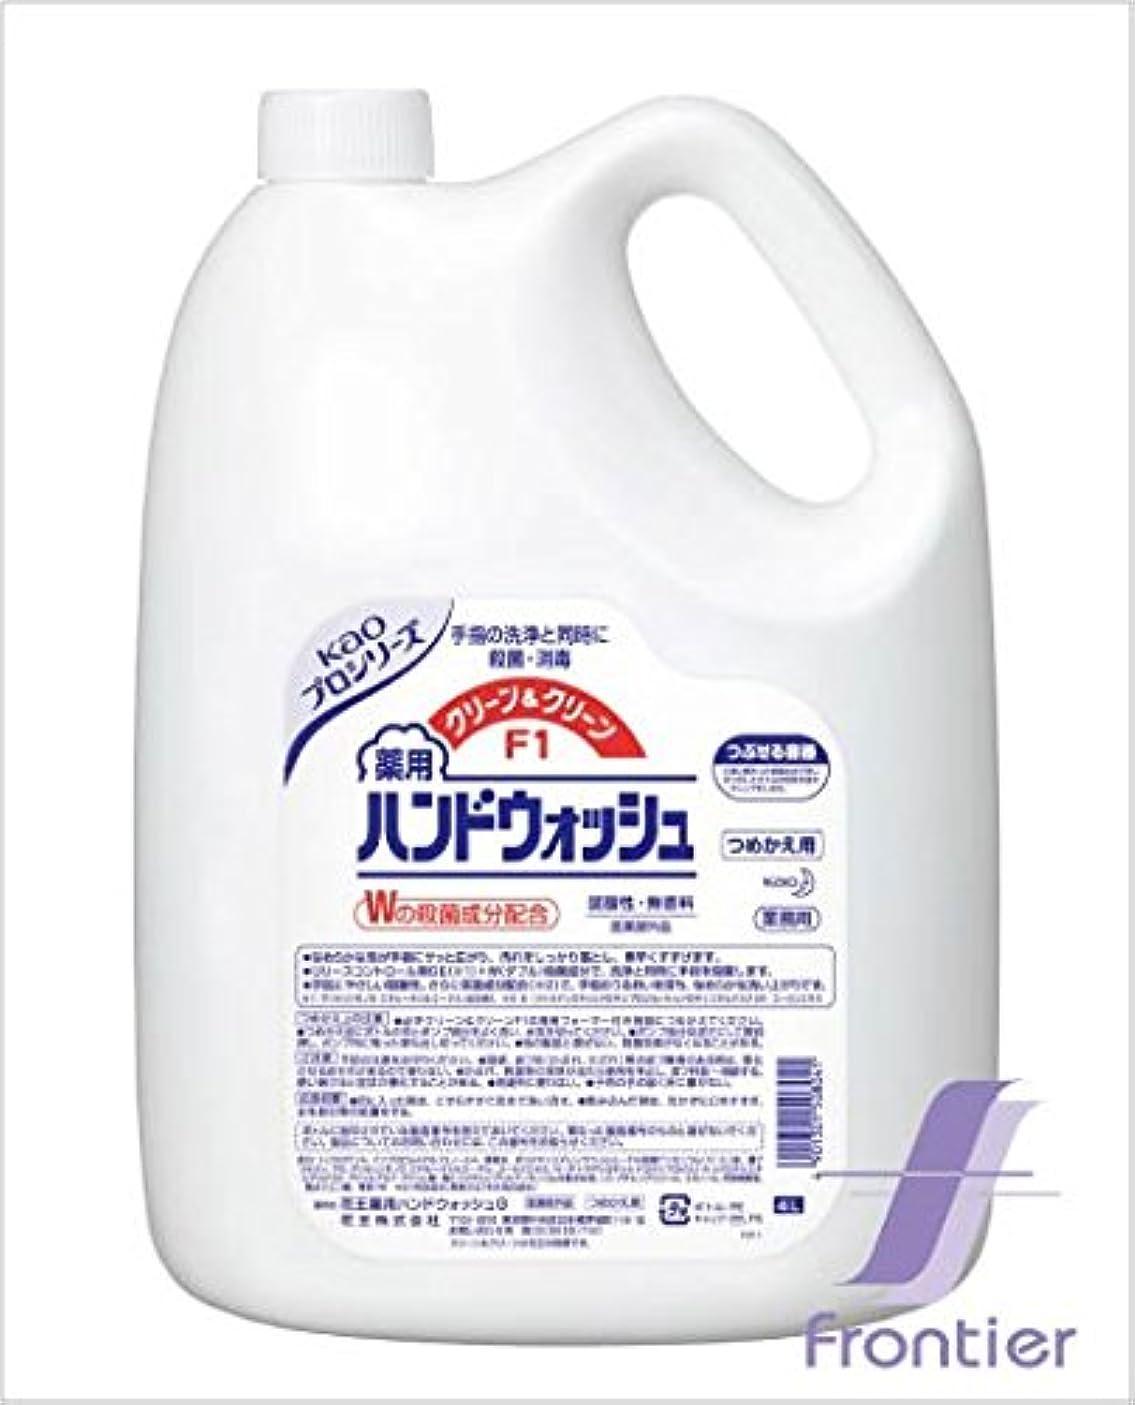 タクト競争卵花王 クリーン&クリーンF1 薬用ハンドウォッシュ 4リットル 3缶セット